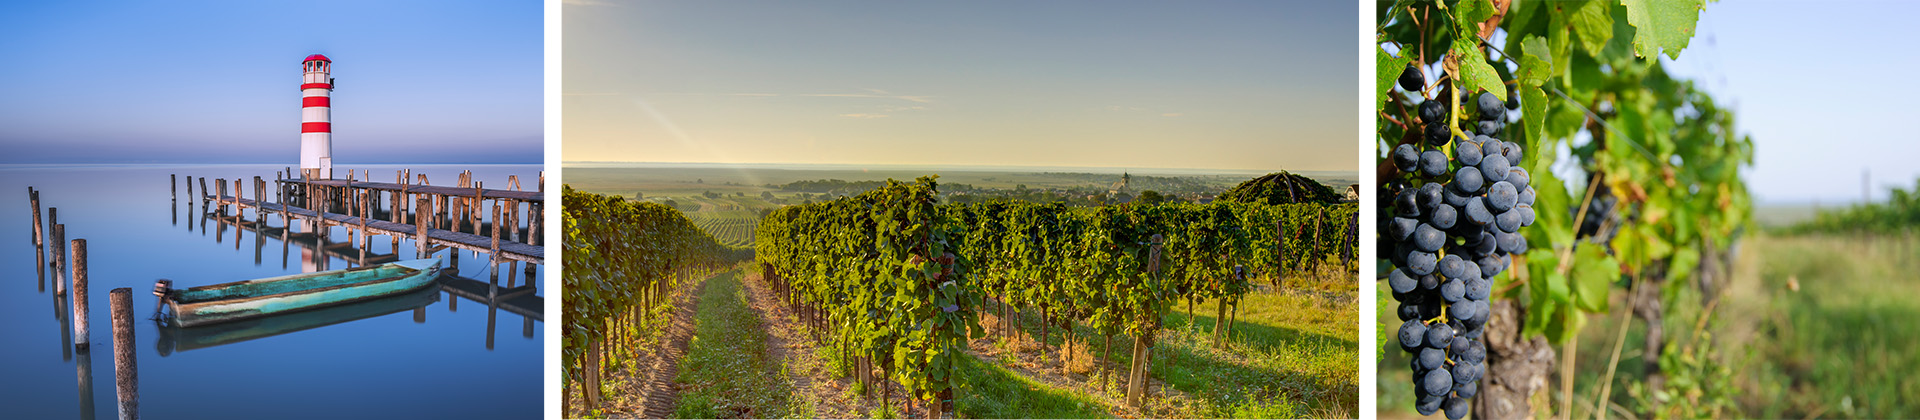 Weinanbaugebiete und Seen im Burgenland